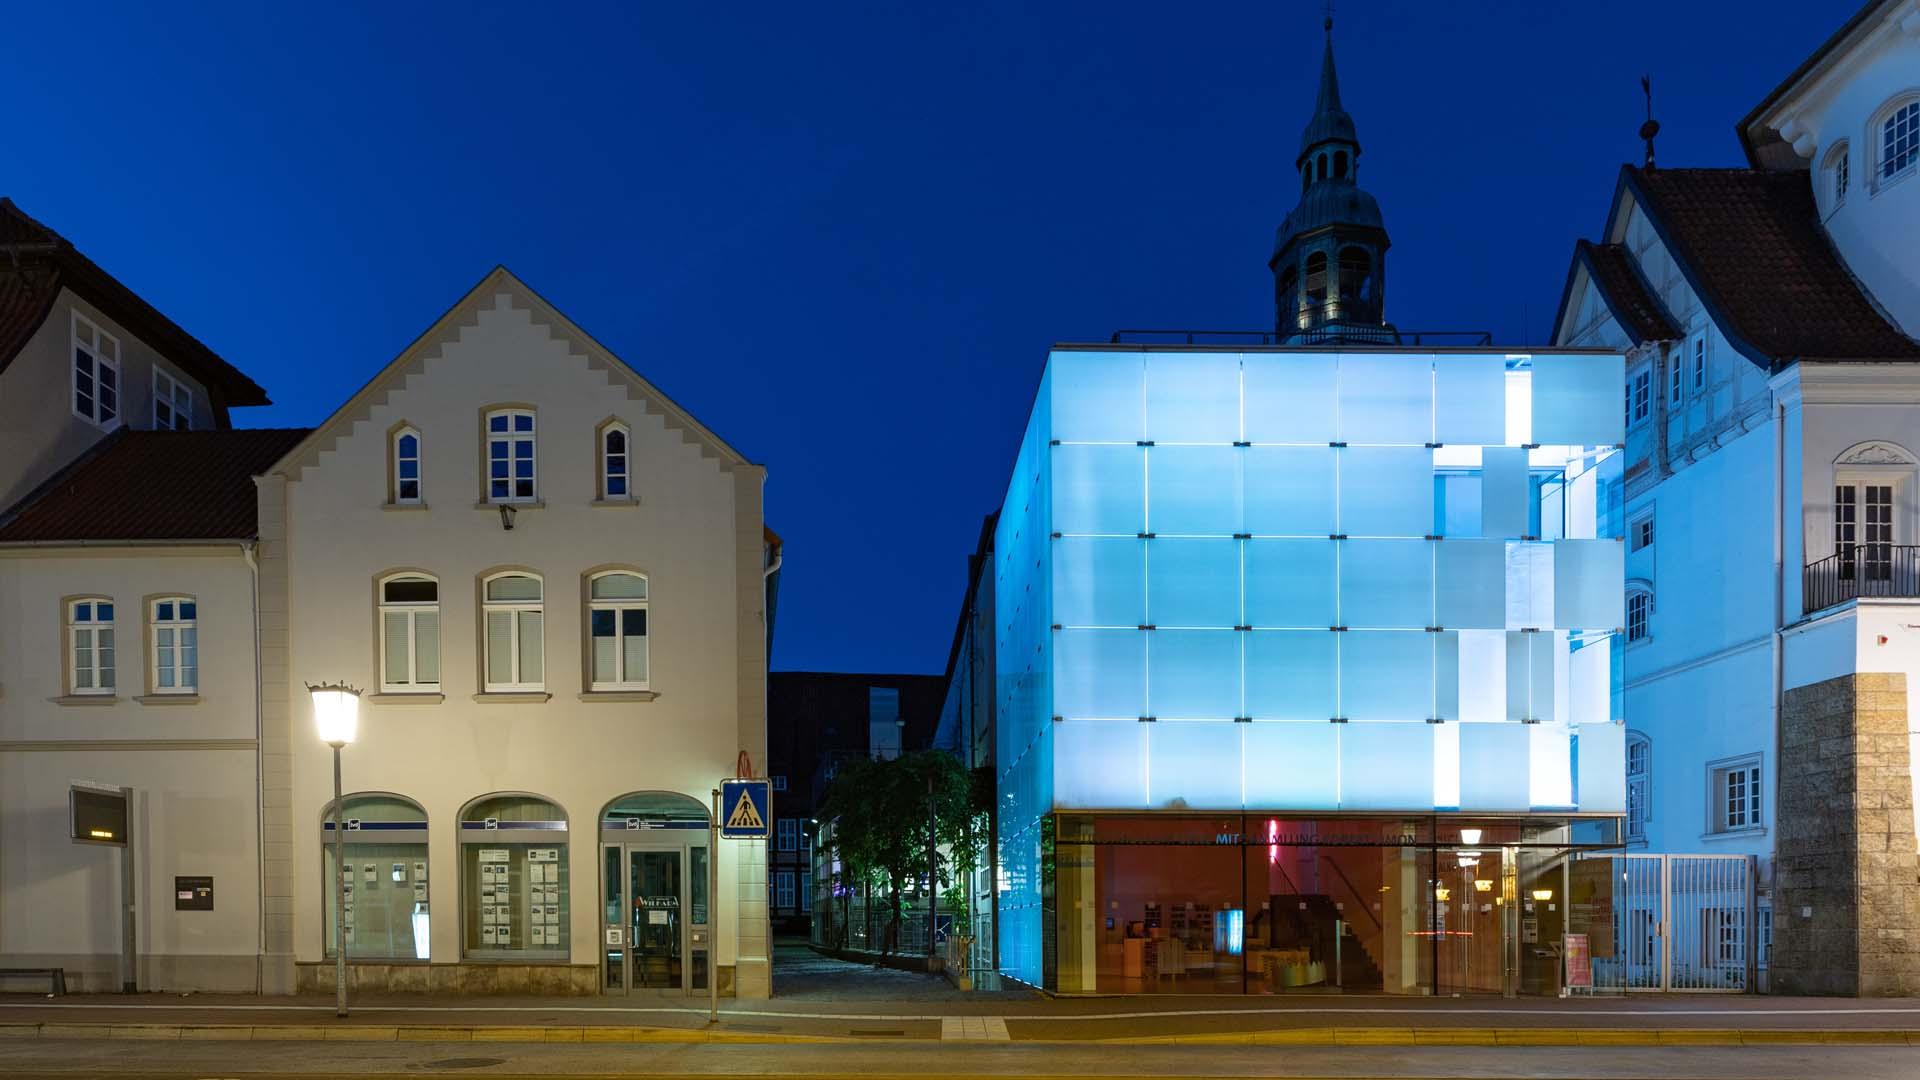 Celler Kunstmuseum am Abend